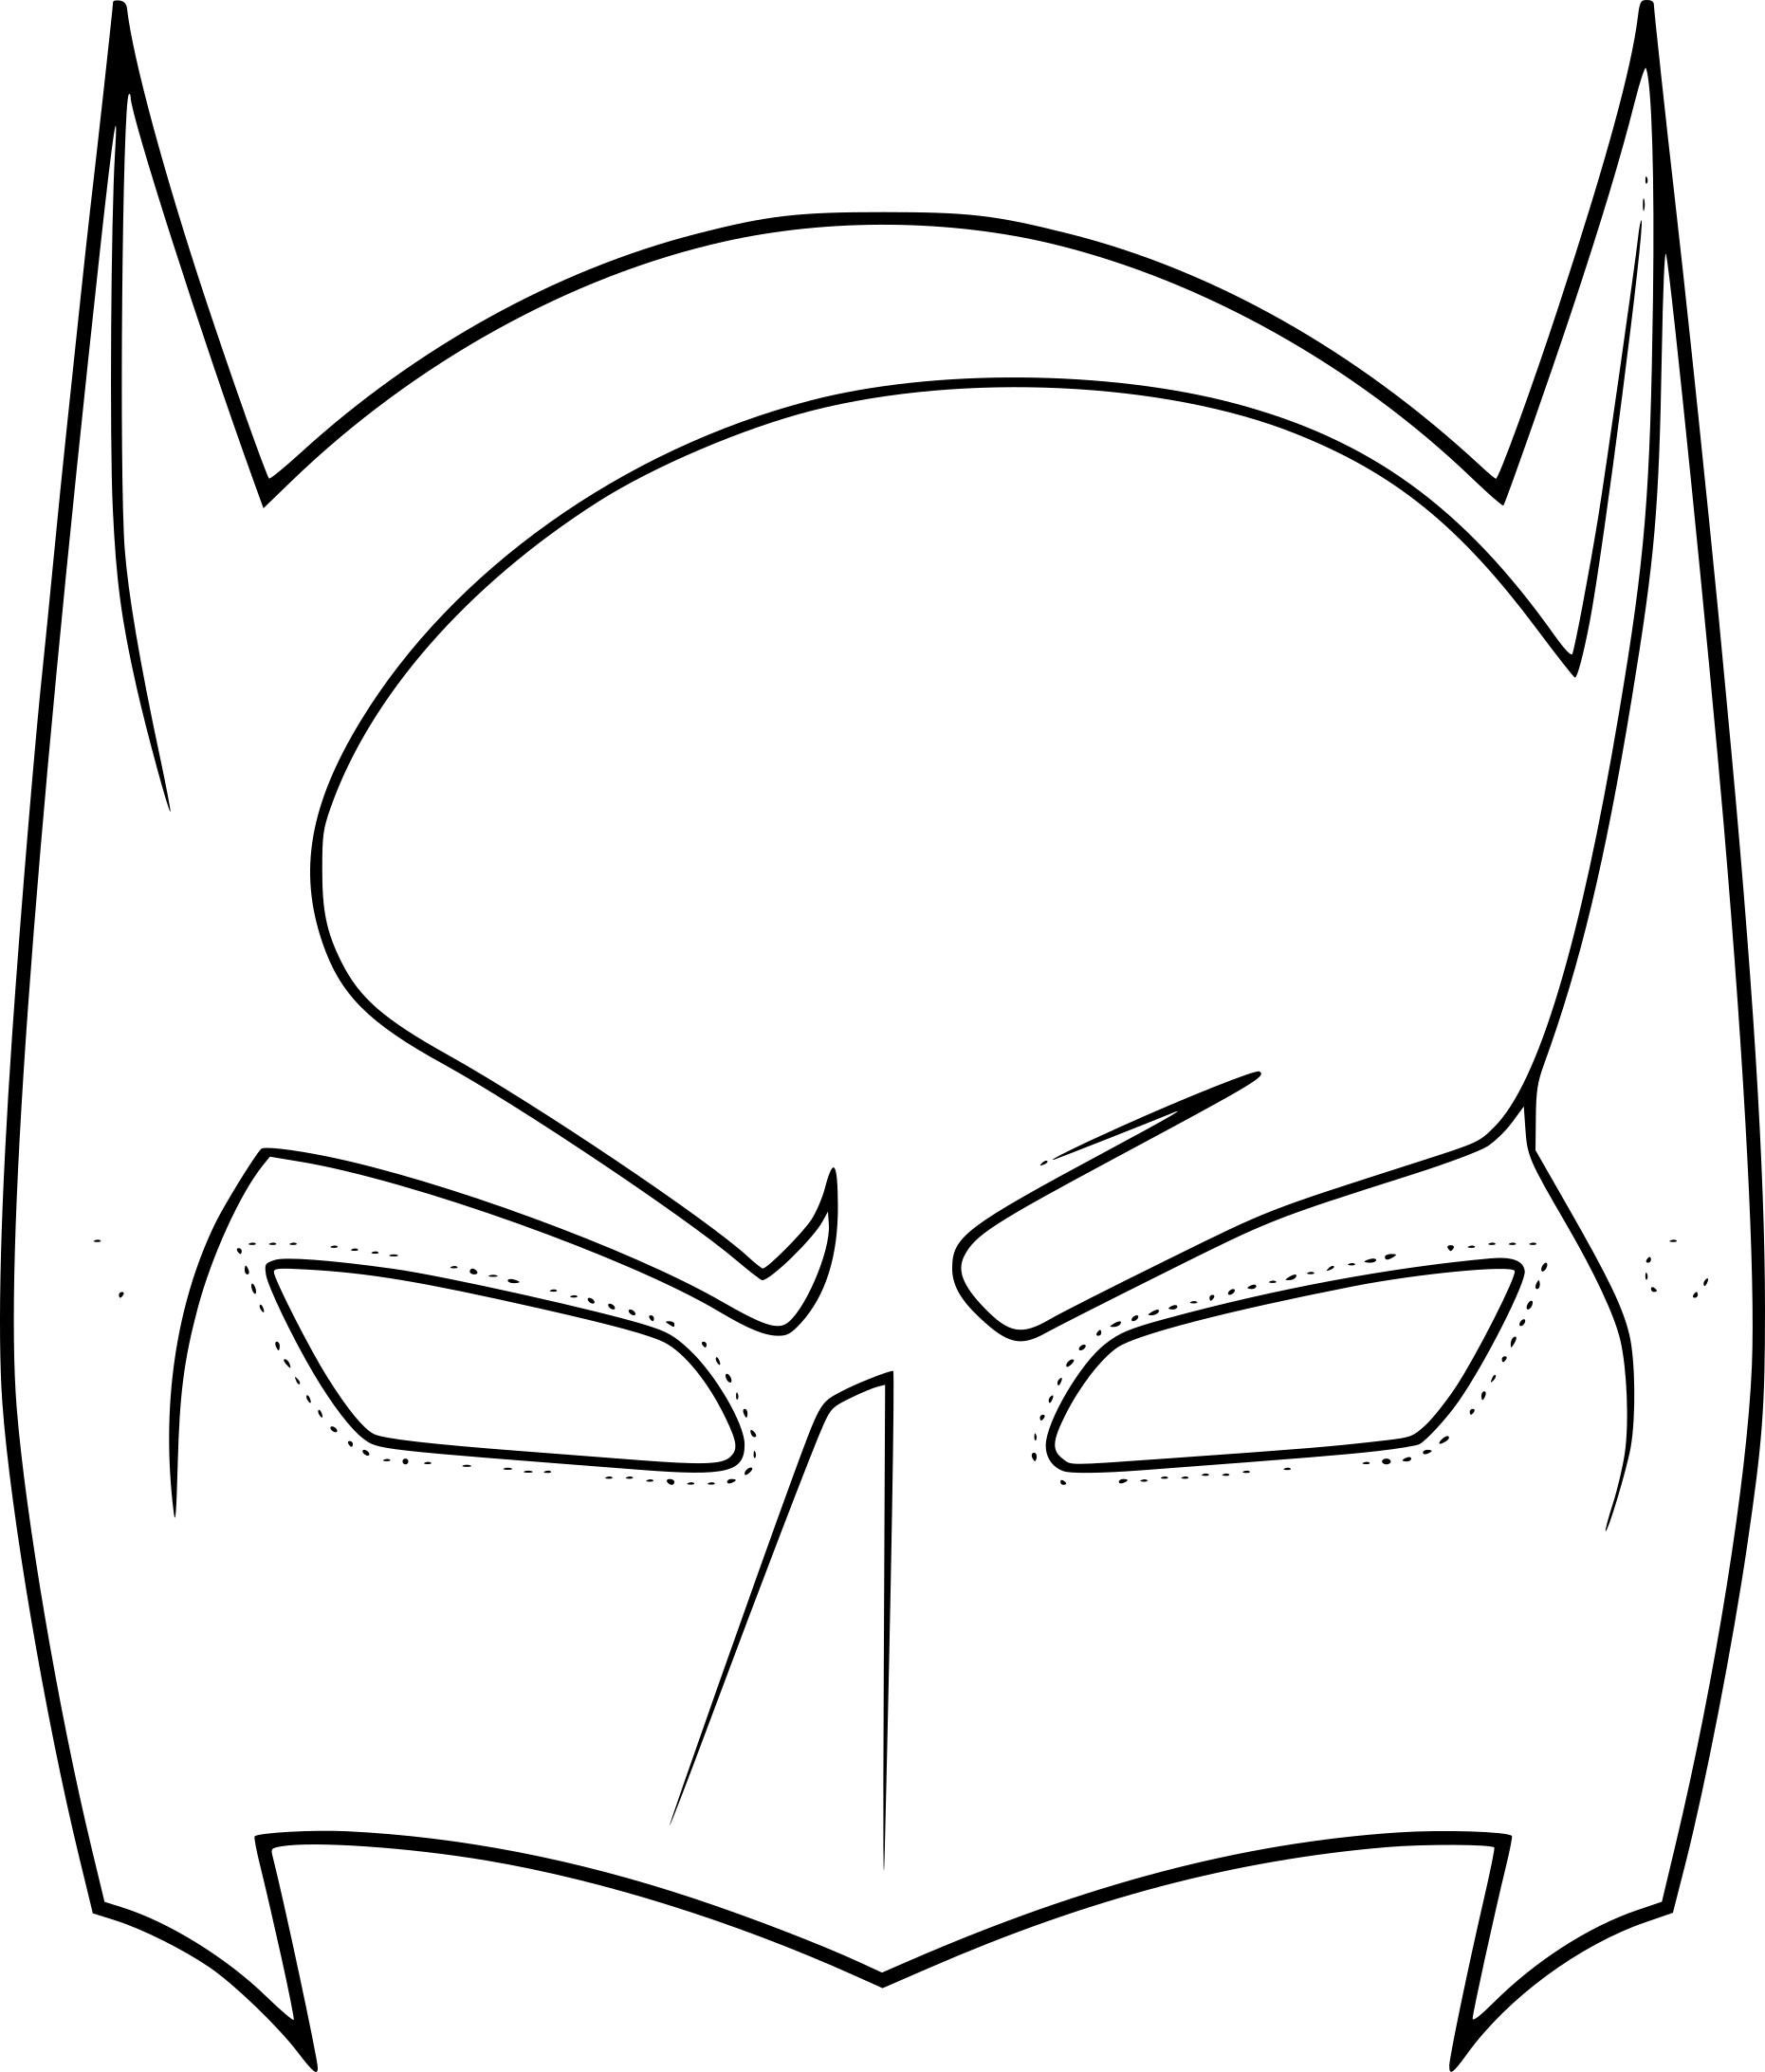 Coloriage Masque Catwoman À Imprimer à Masque De Catwoman A Imprimer